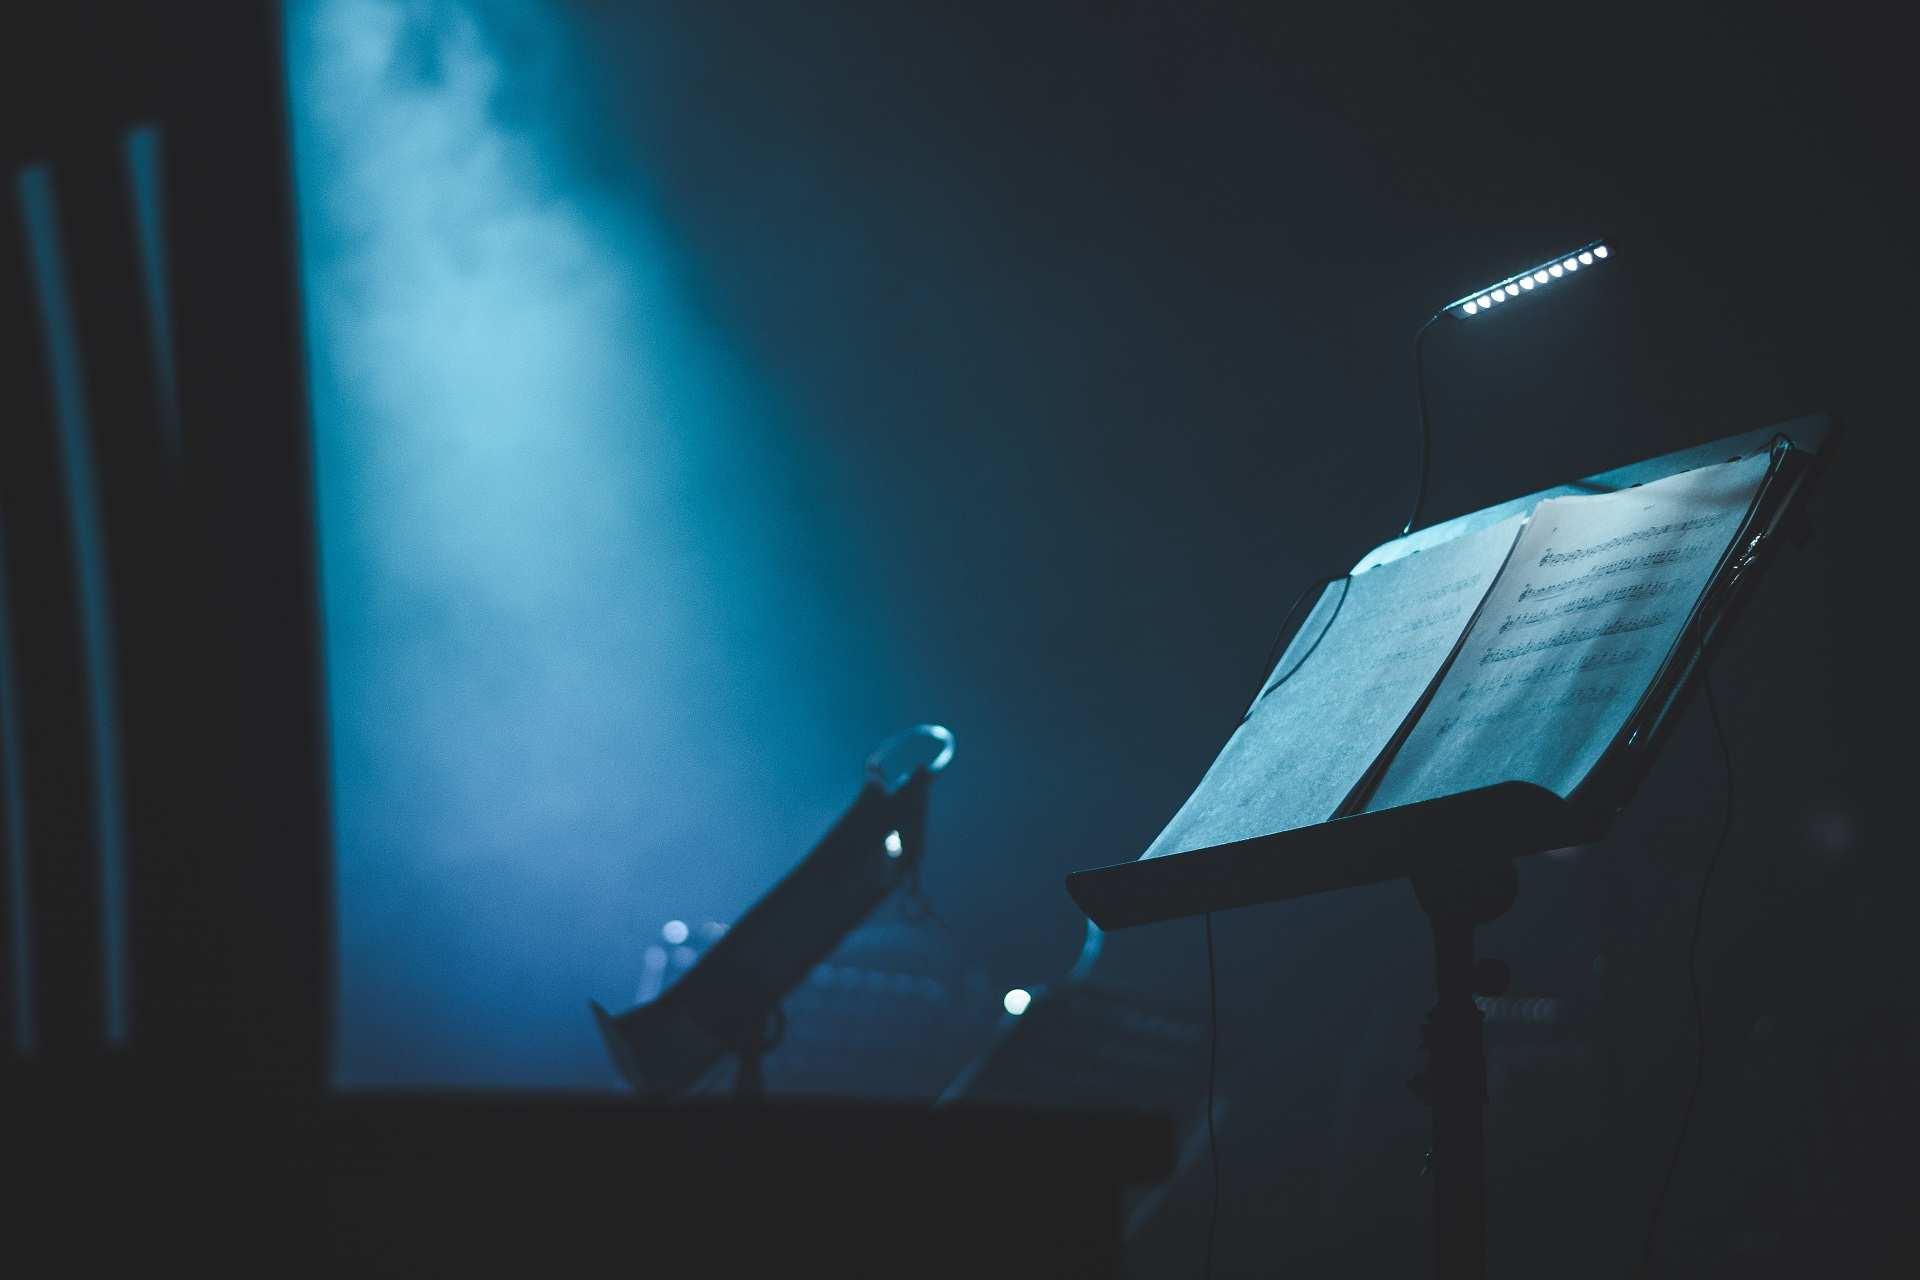 Filmmusik Was Sind Leitmotiv Mood Technik Underscoring Dominik Braun